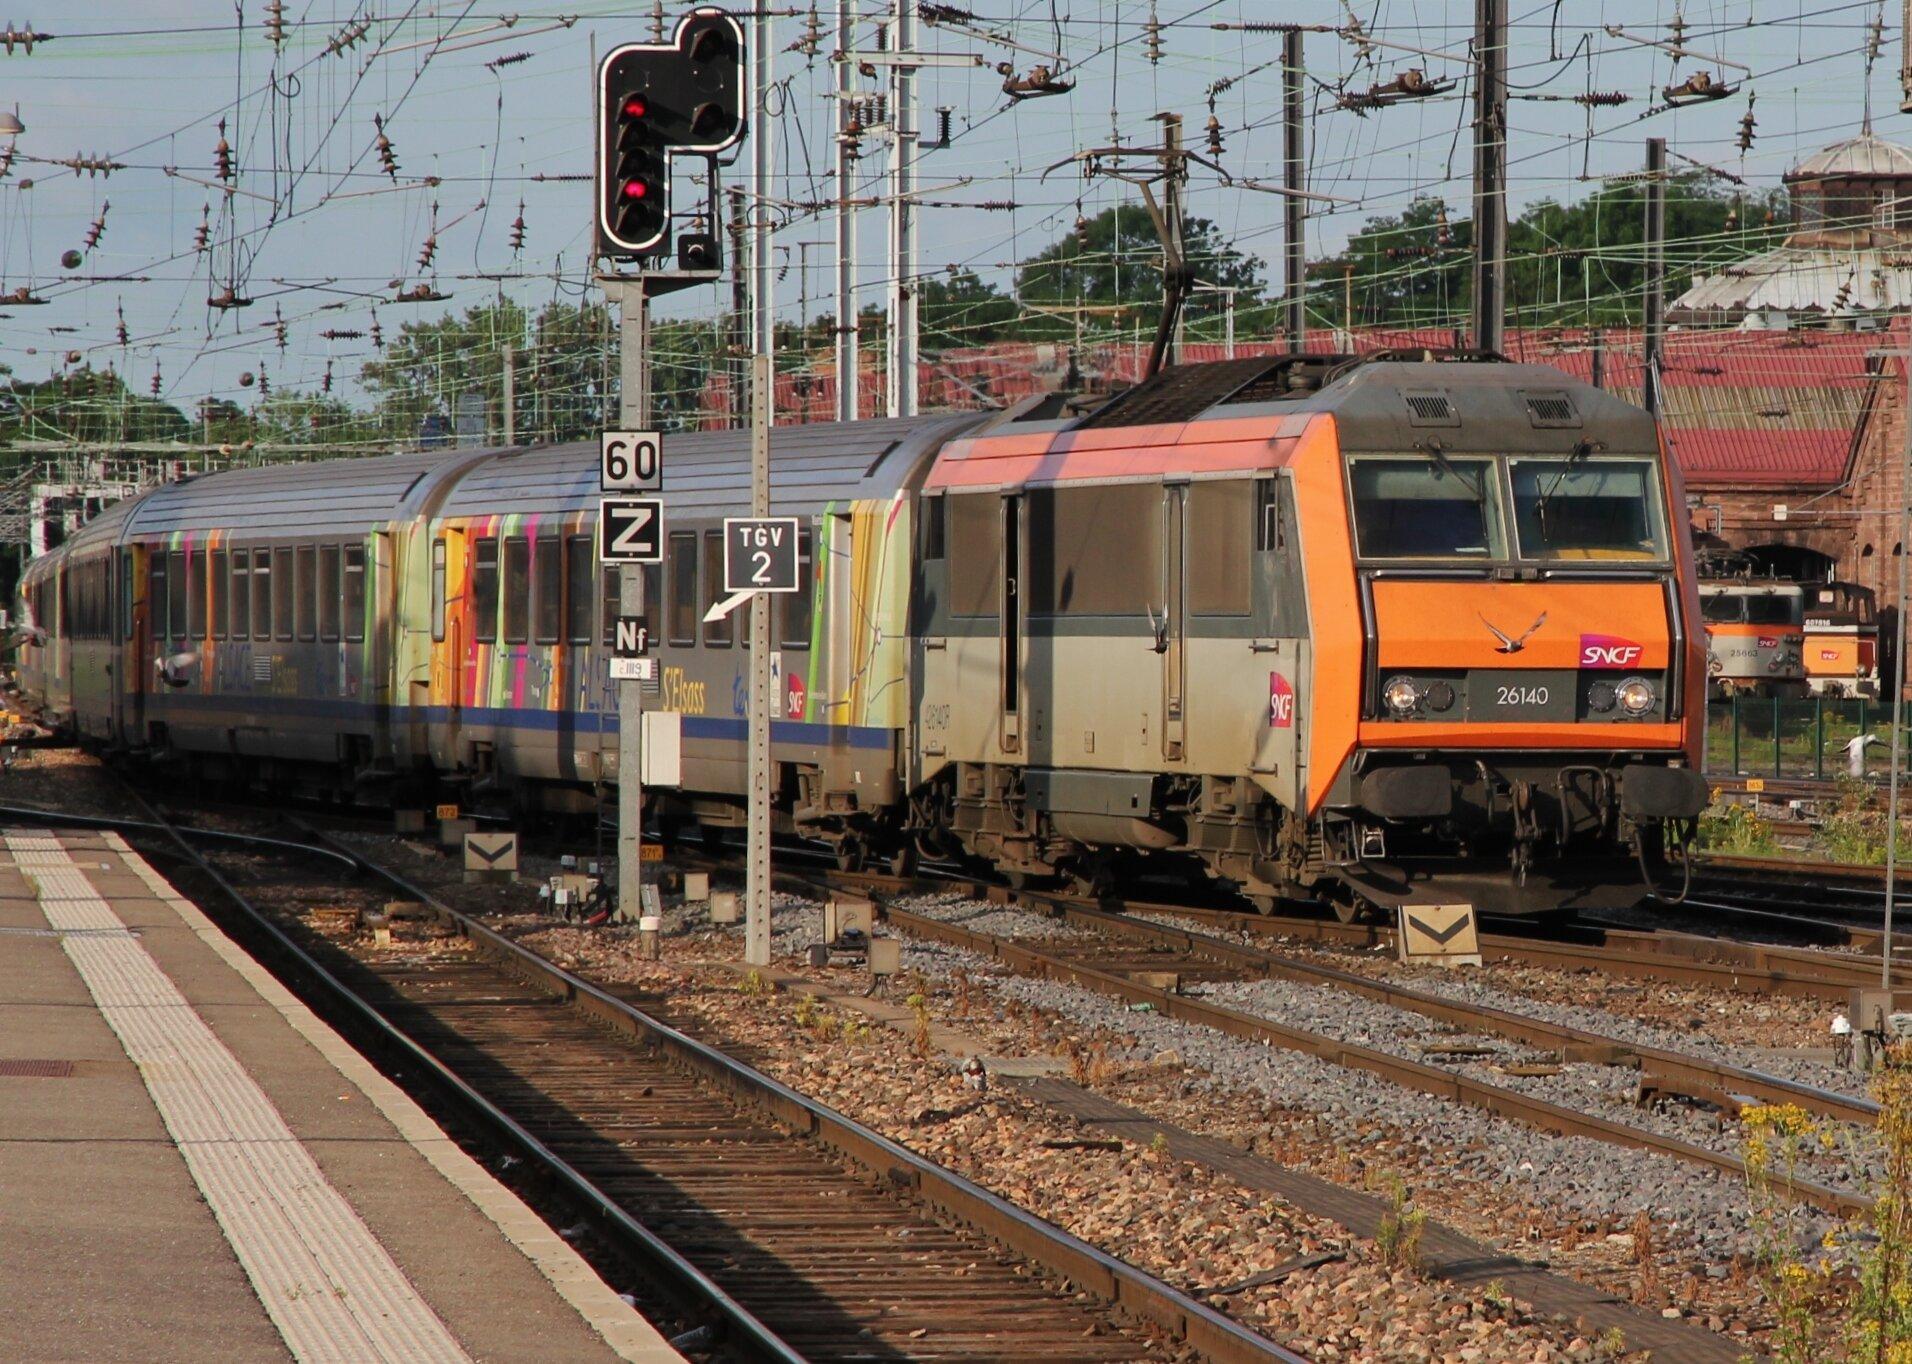 BB 26140, TER 200 Alsace arrivant à Strasbourg